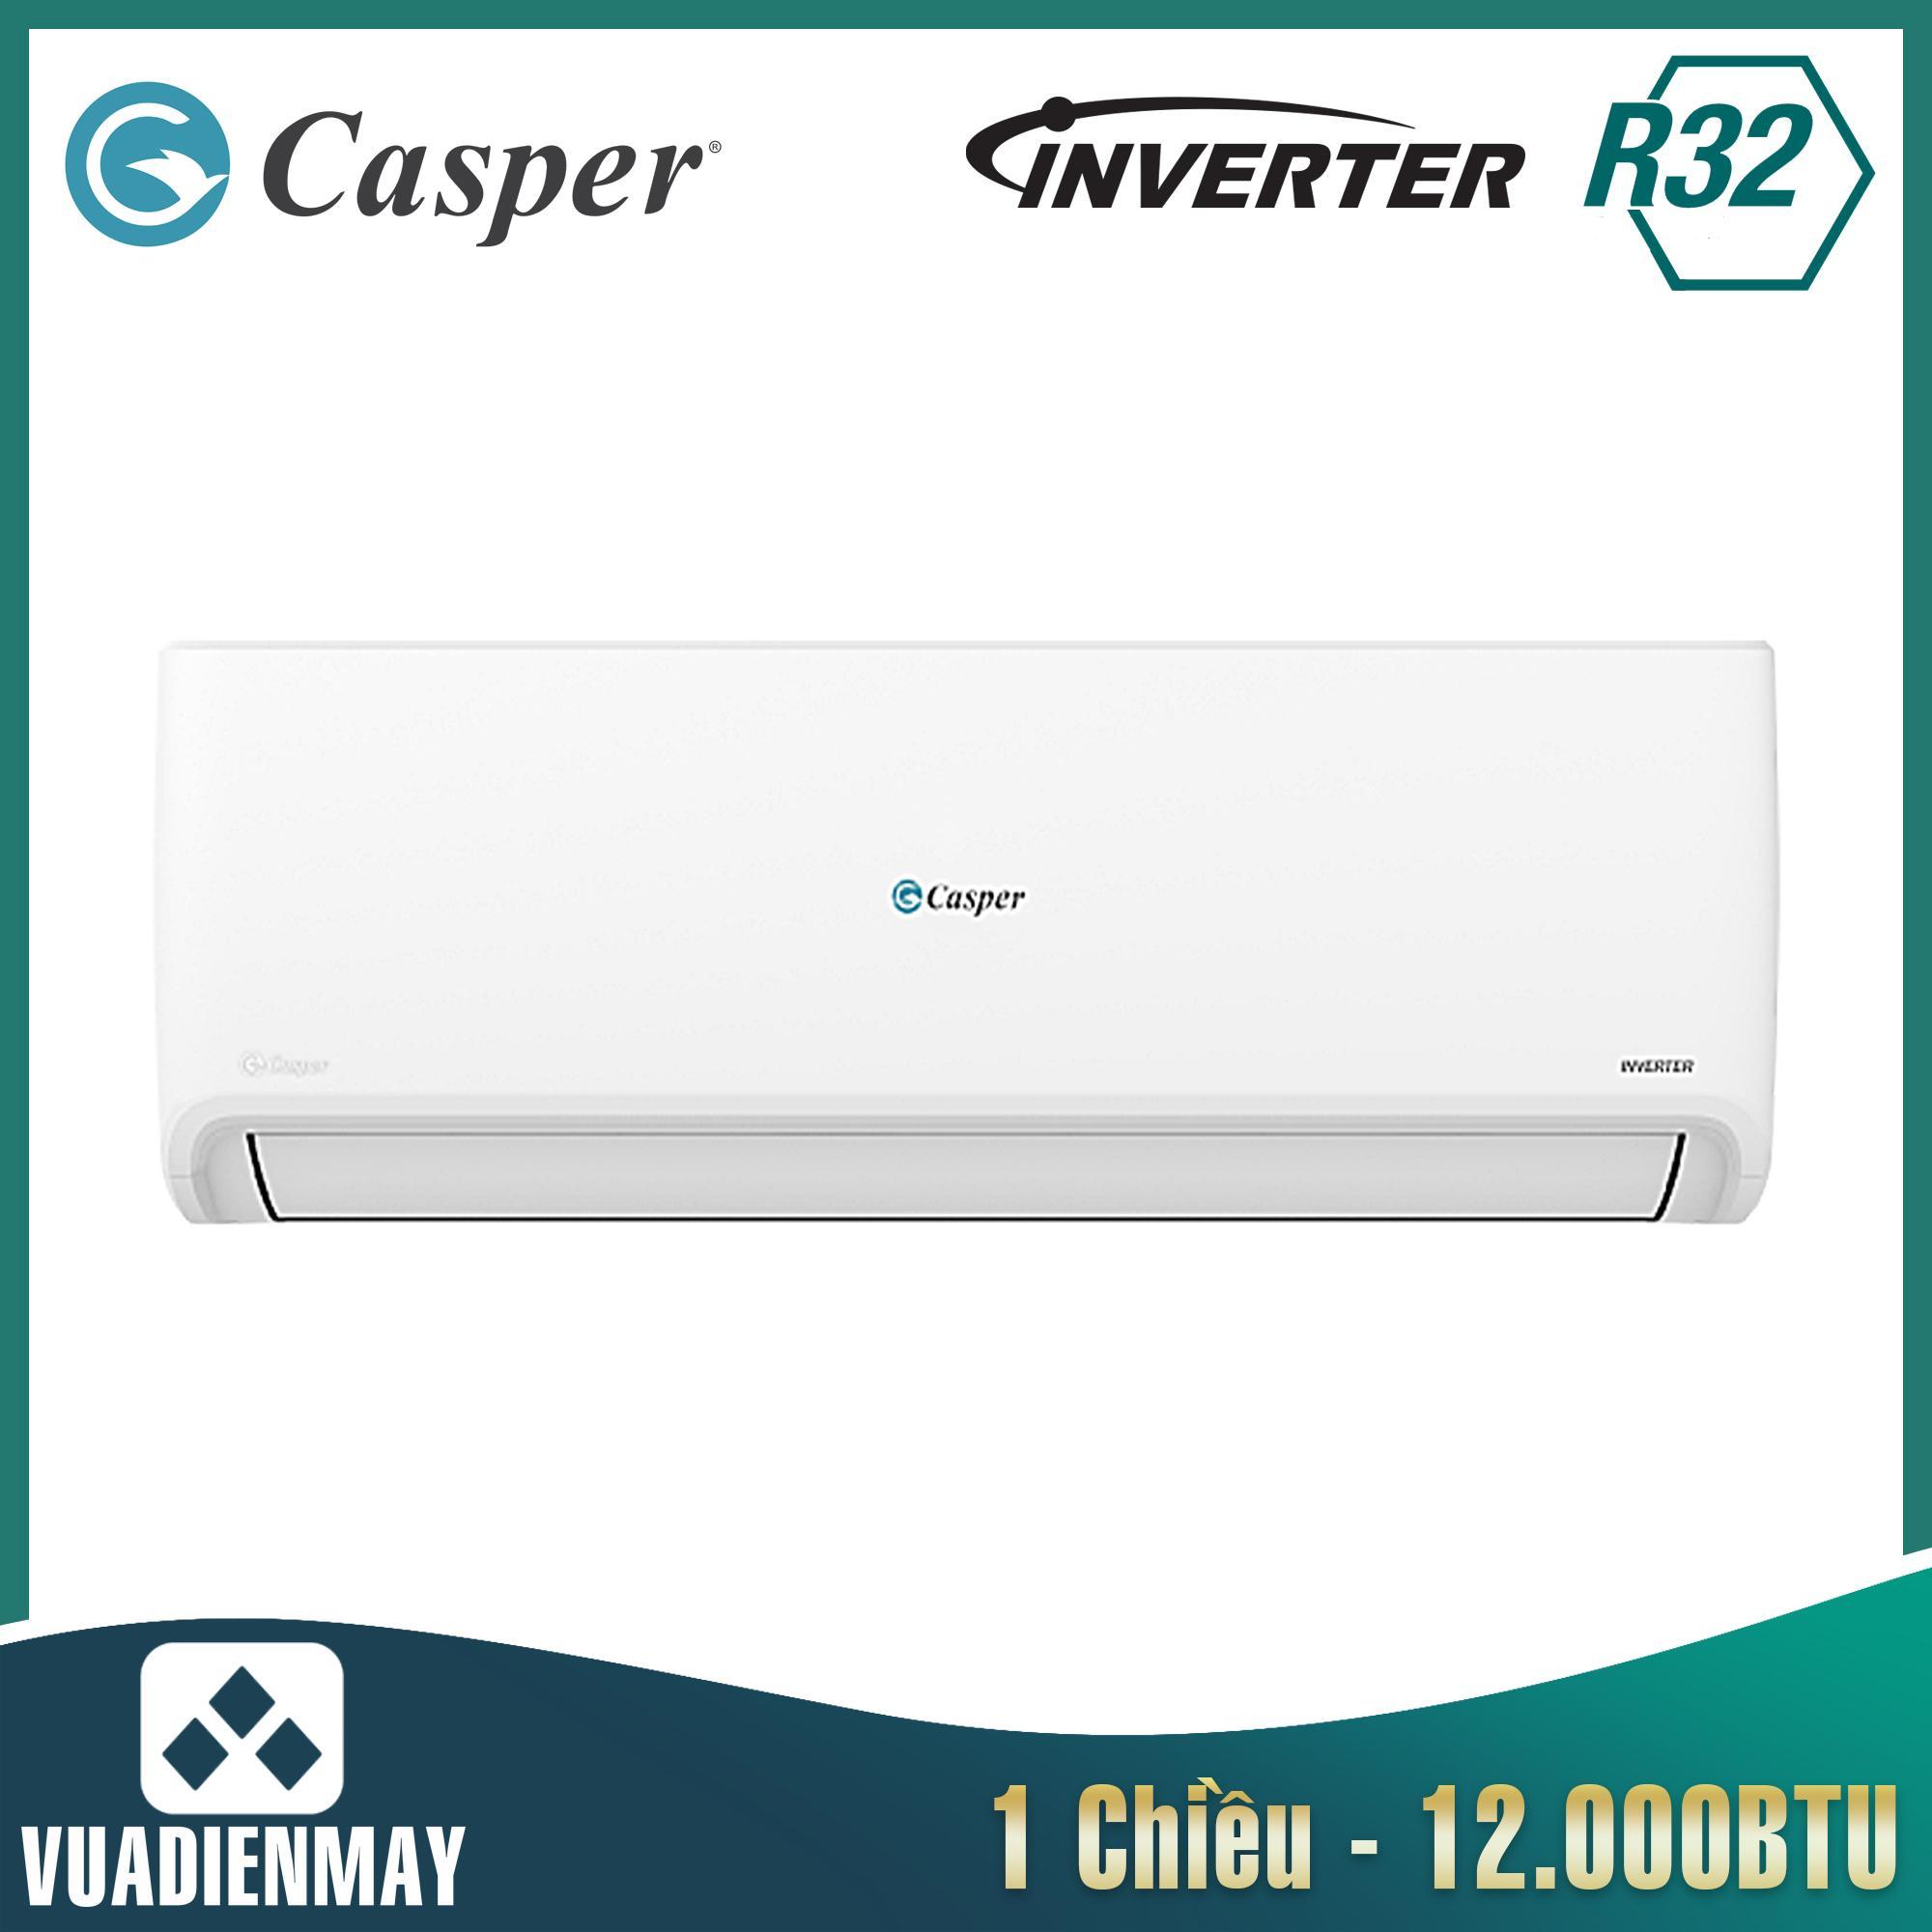 HC12IA32, điều hòa casper 12000btu 1 chiều inverter